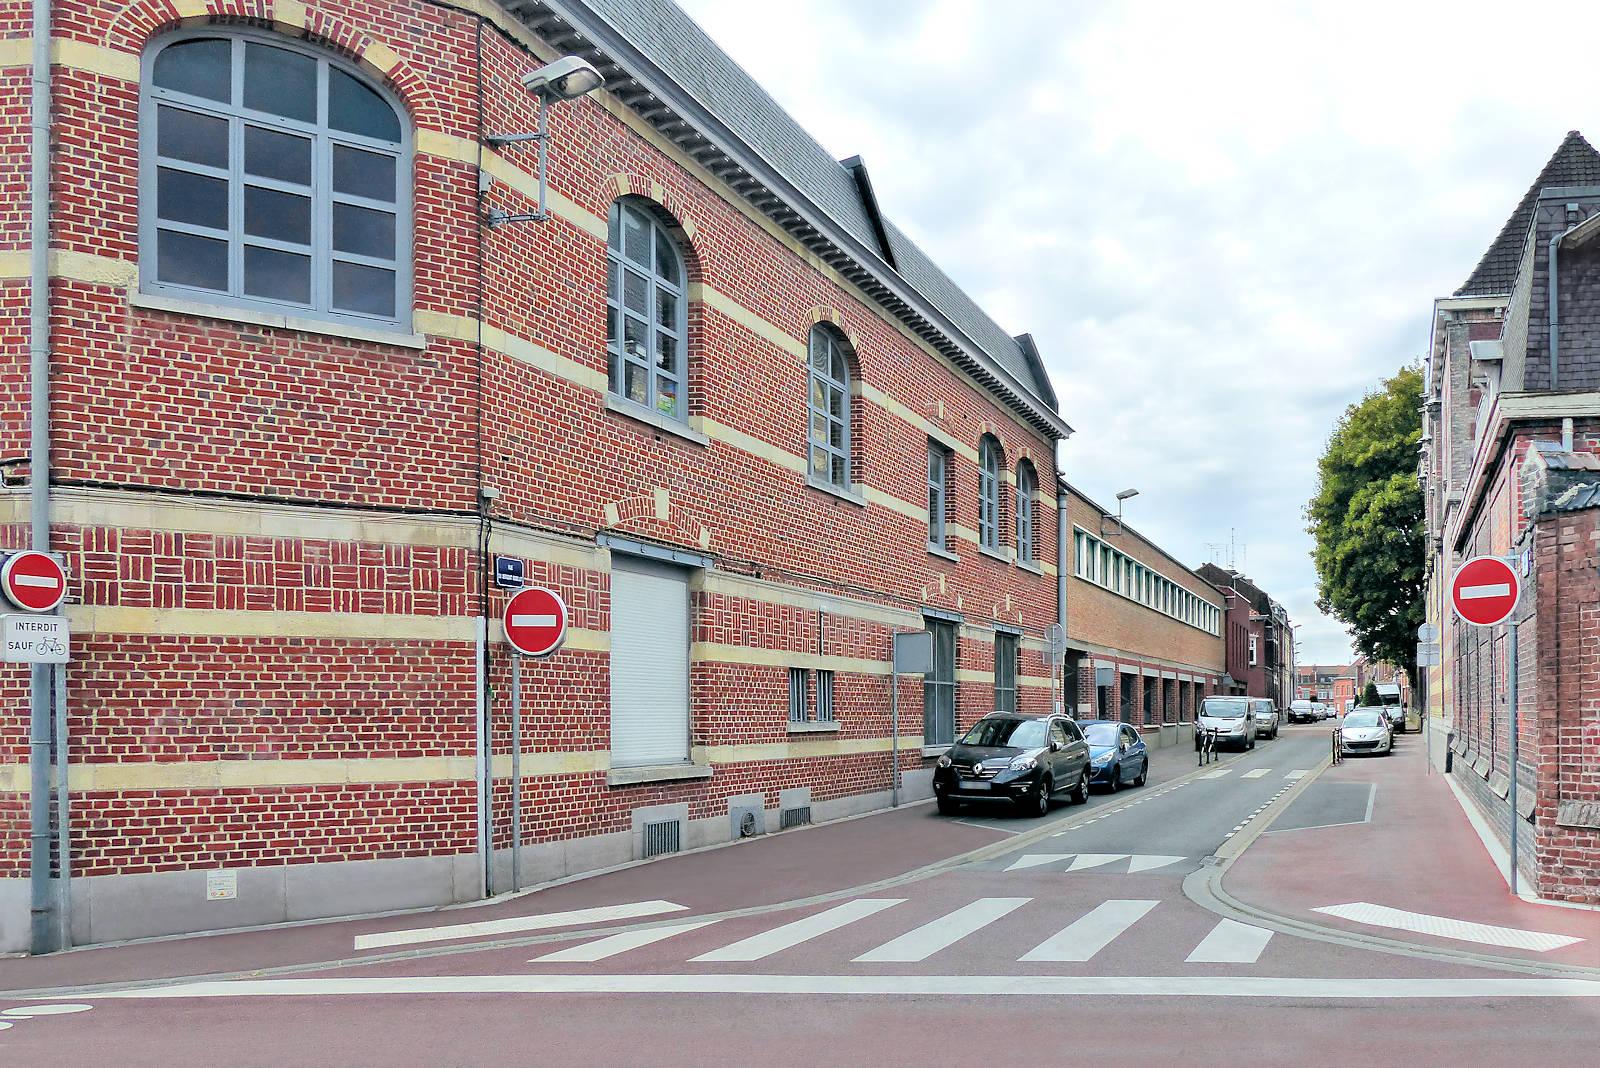 École primaire privée catholique Saint Louis - Tourcoing